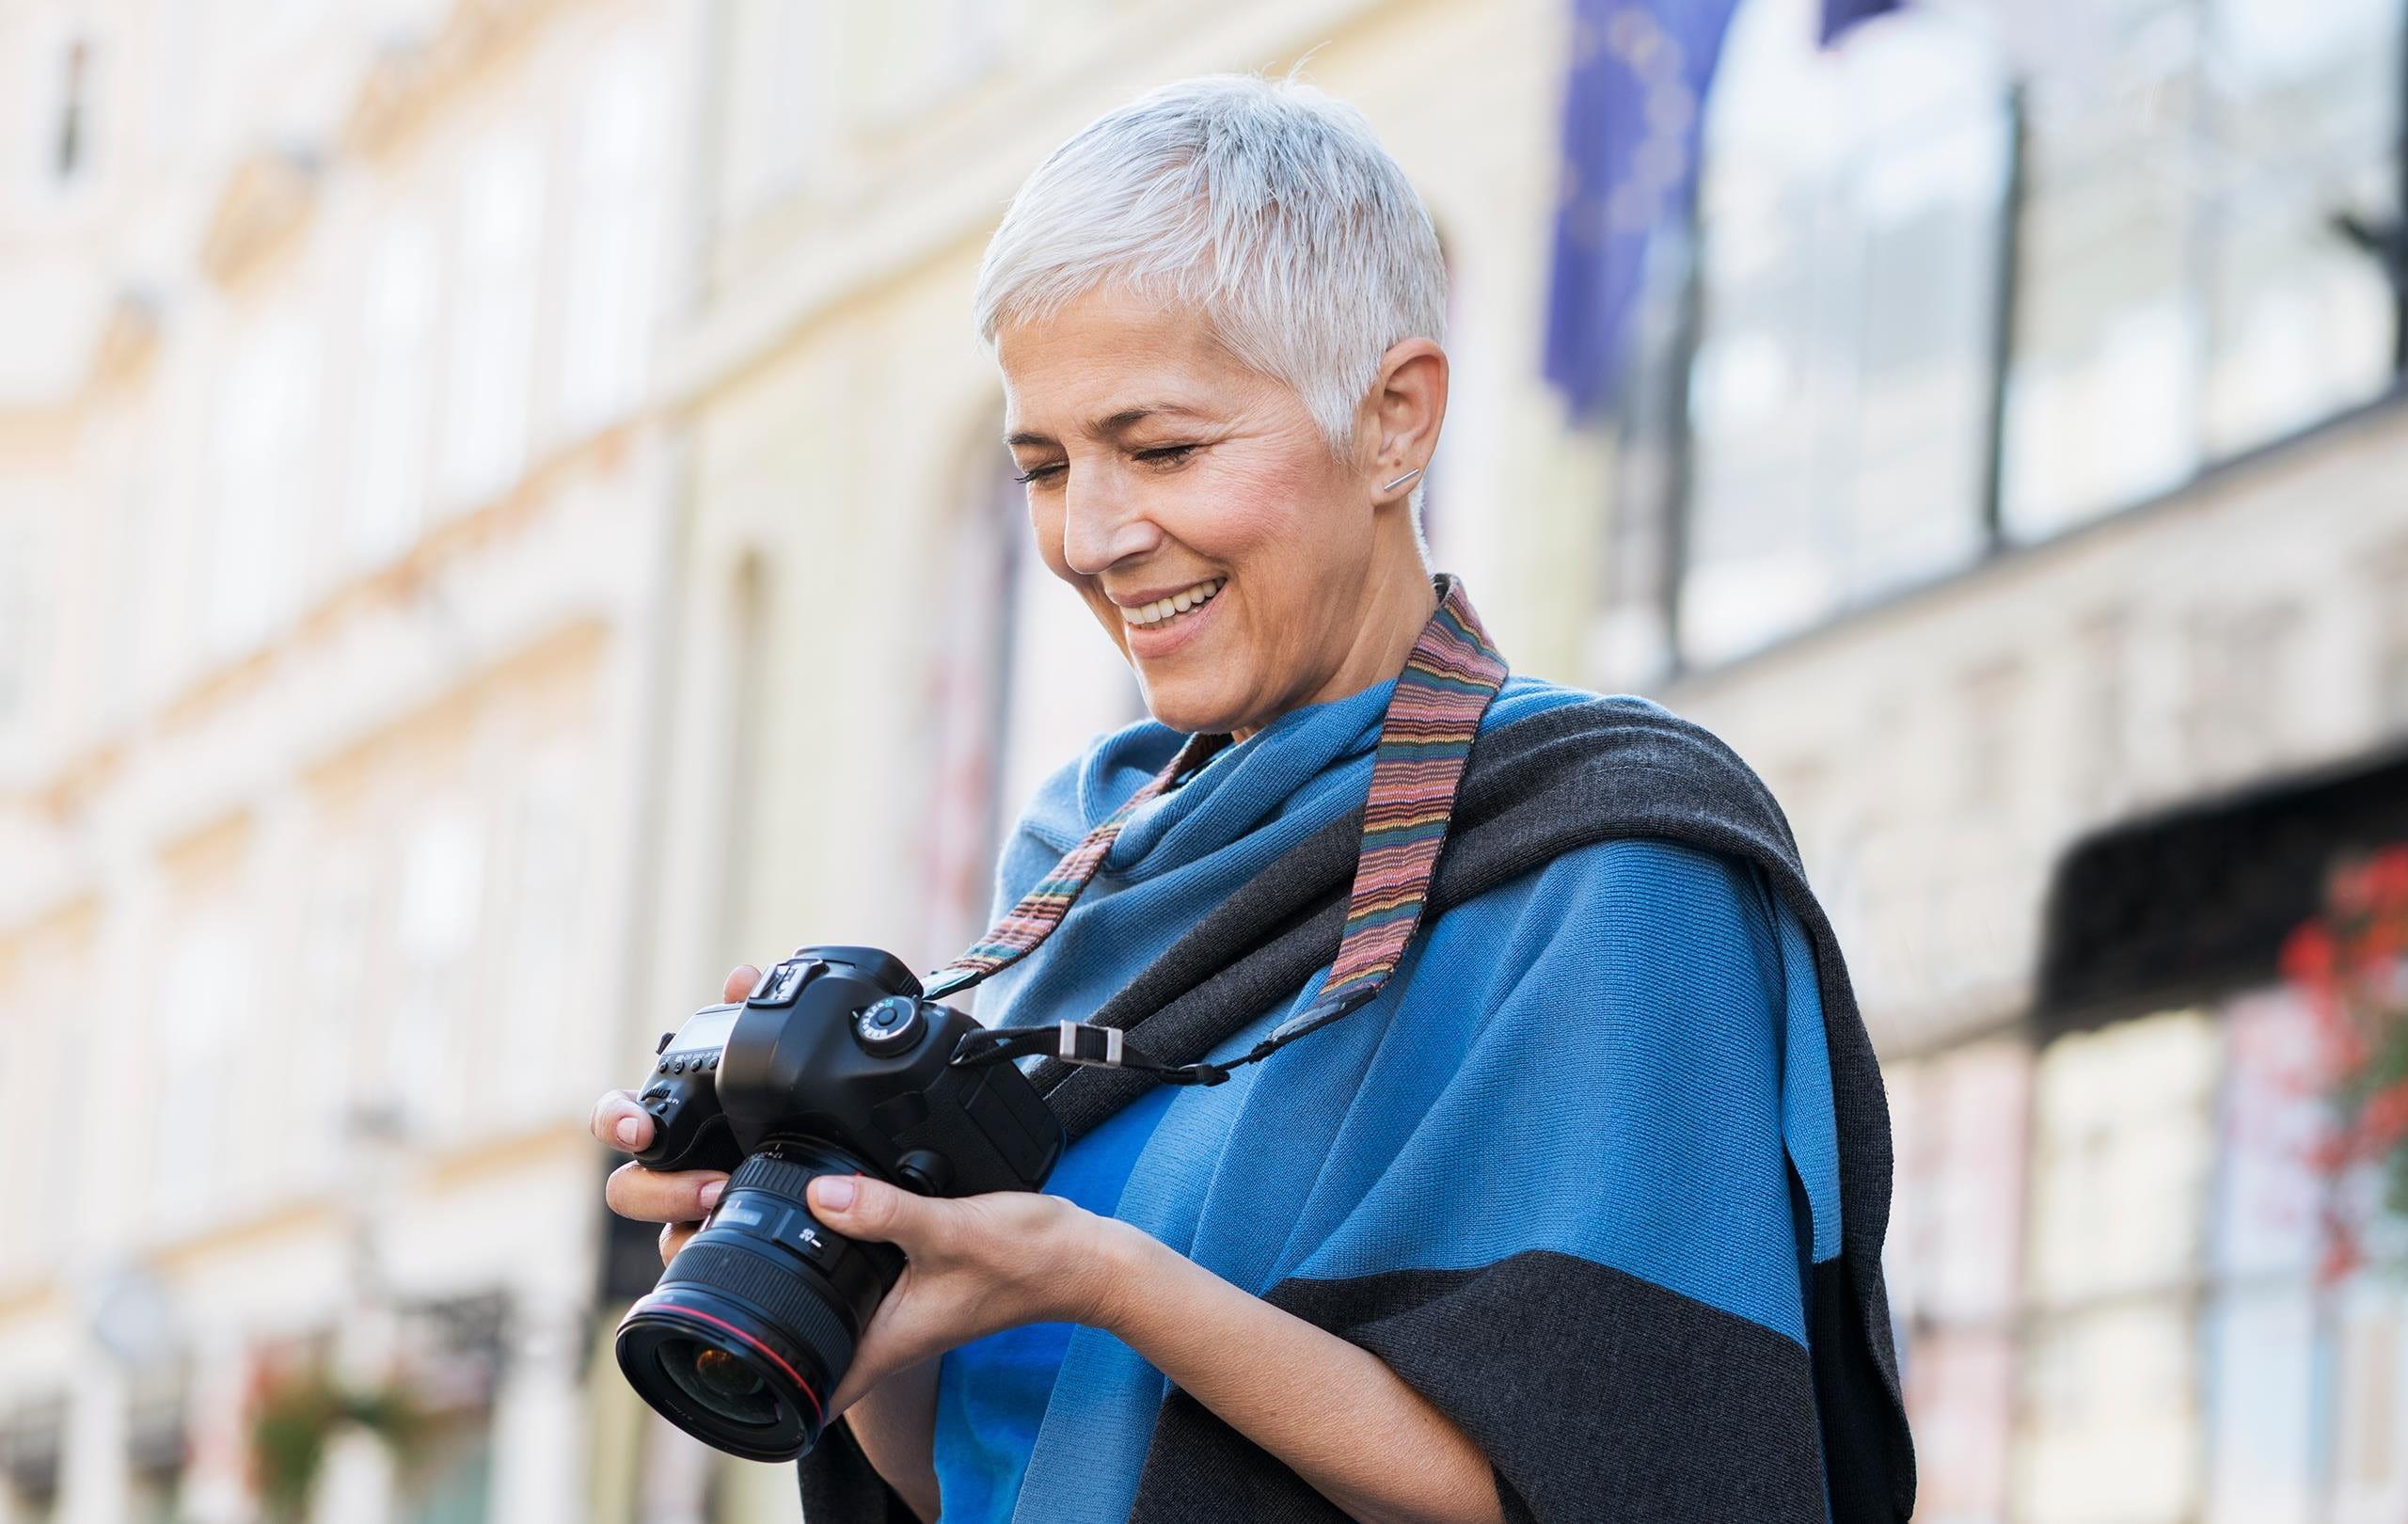 Frau steht in einer Stadt und schaut lächelnd auf ihre Kamera